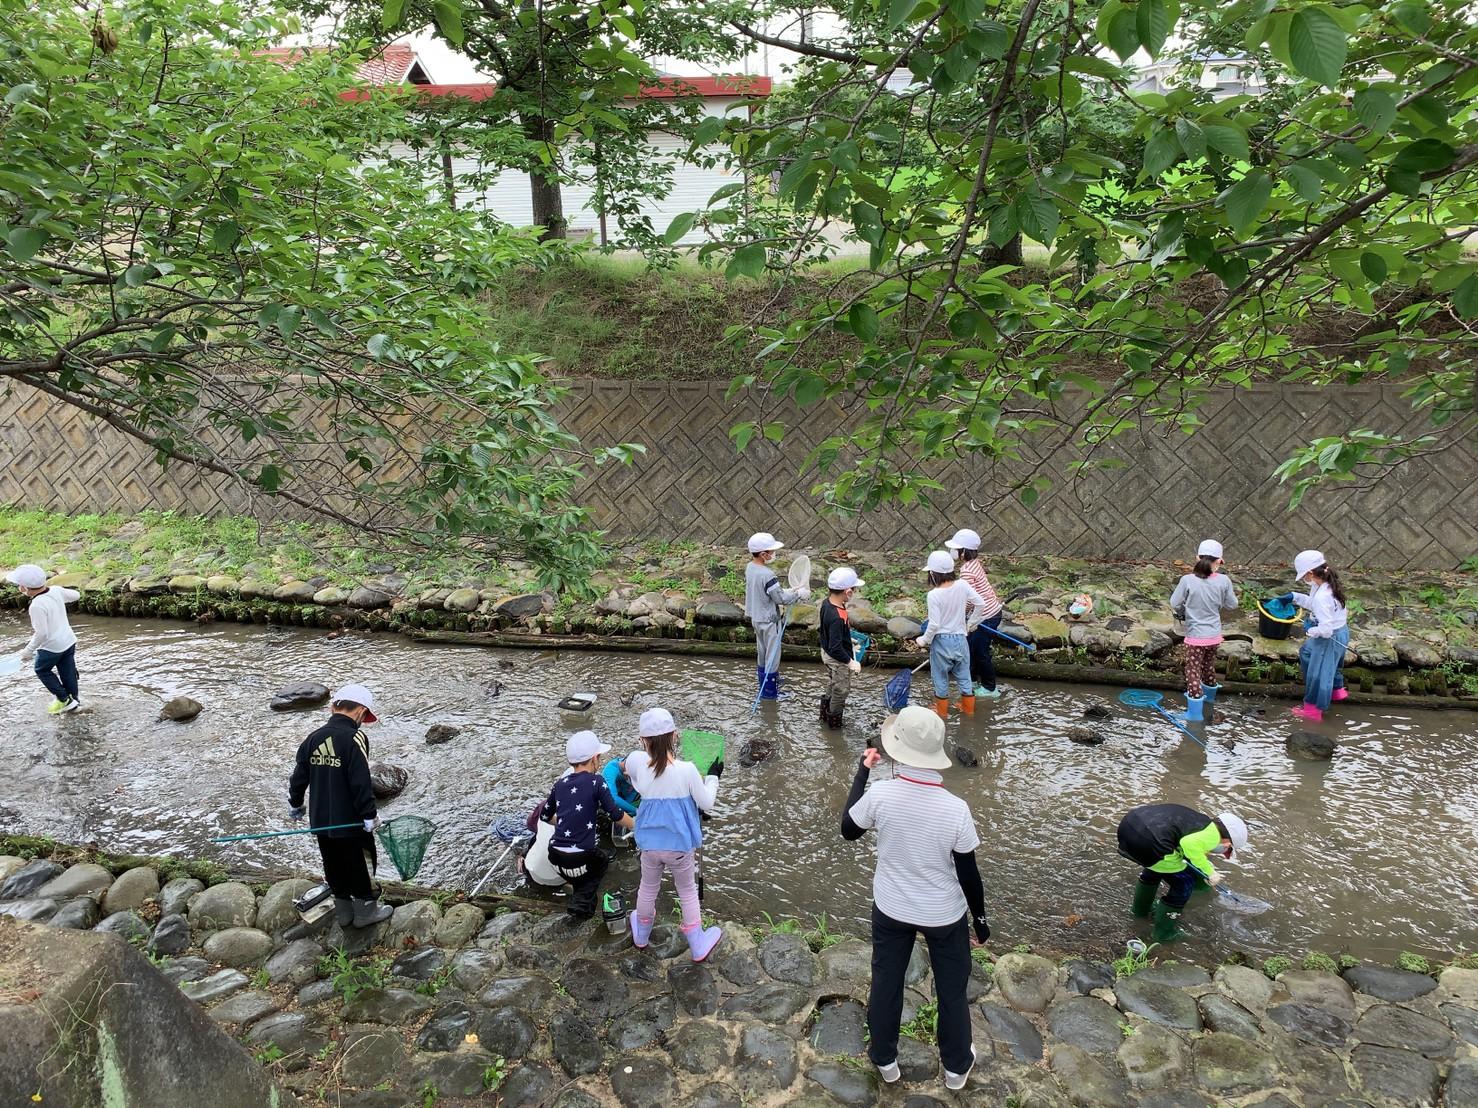 自然観察するために作られた川みたい。せせらぎですよ。大雨の時は近づかないようにね。